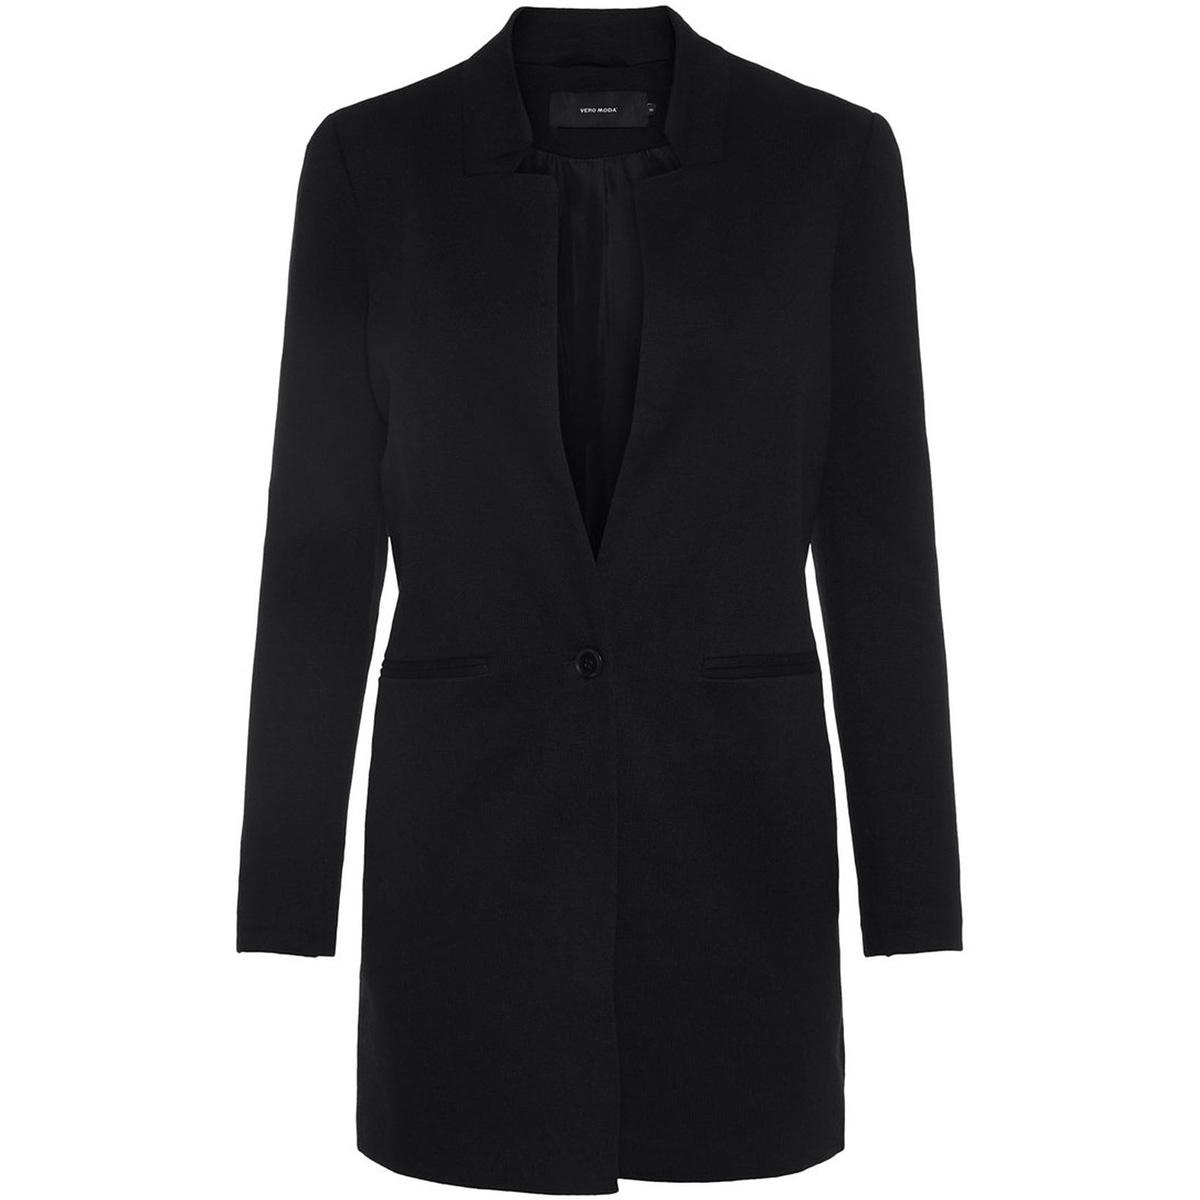 vmjune w/l long blazer dnm color 10205517 vero moda blazer black